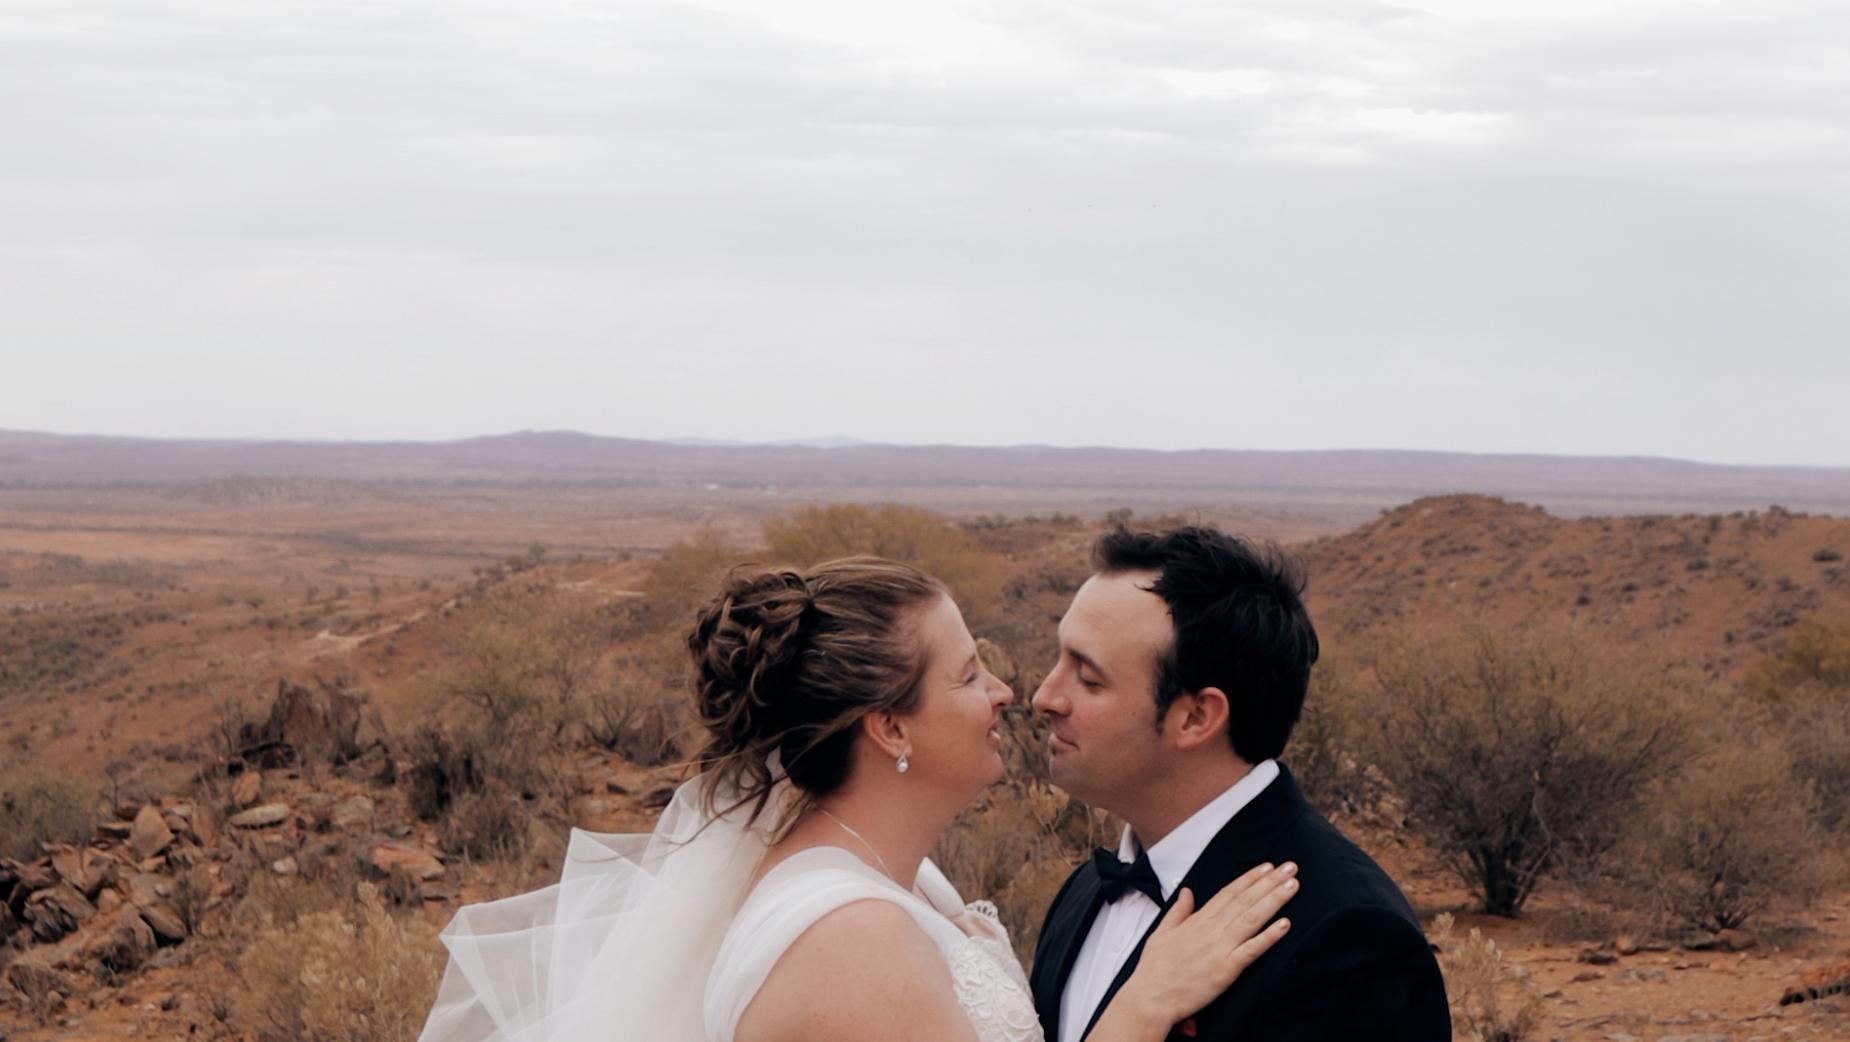 Danielle + Brad | Broken Hill, Australia | The Old Dairy